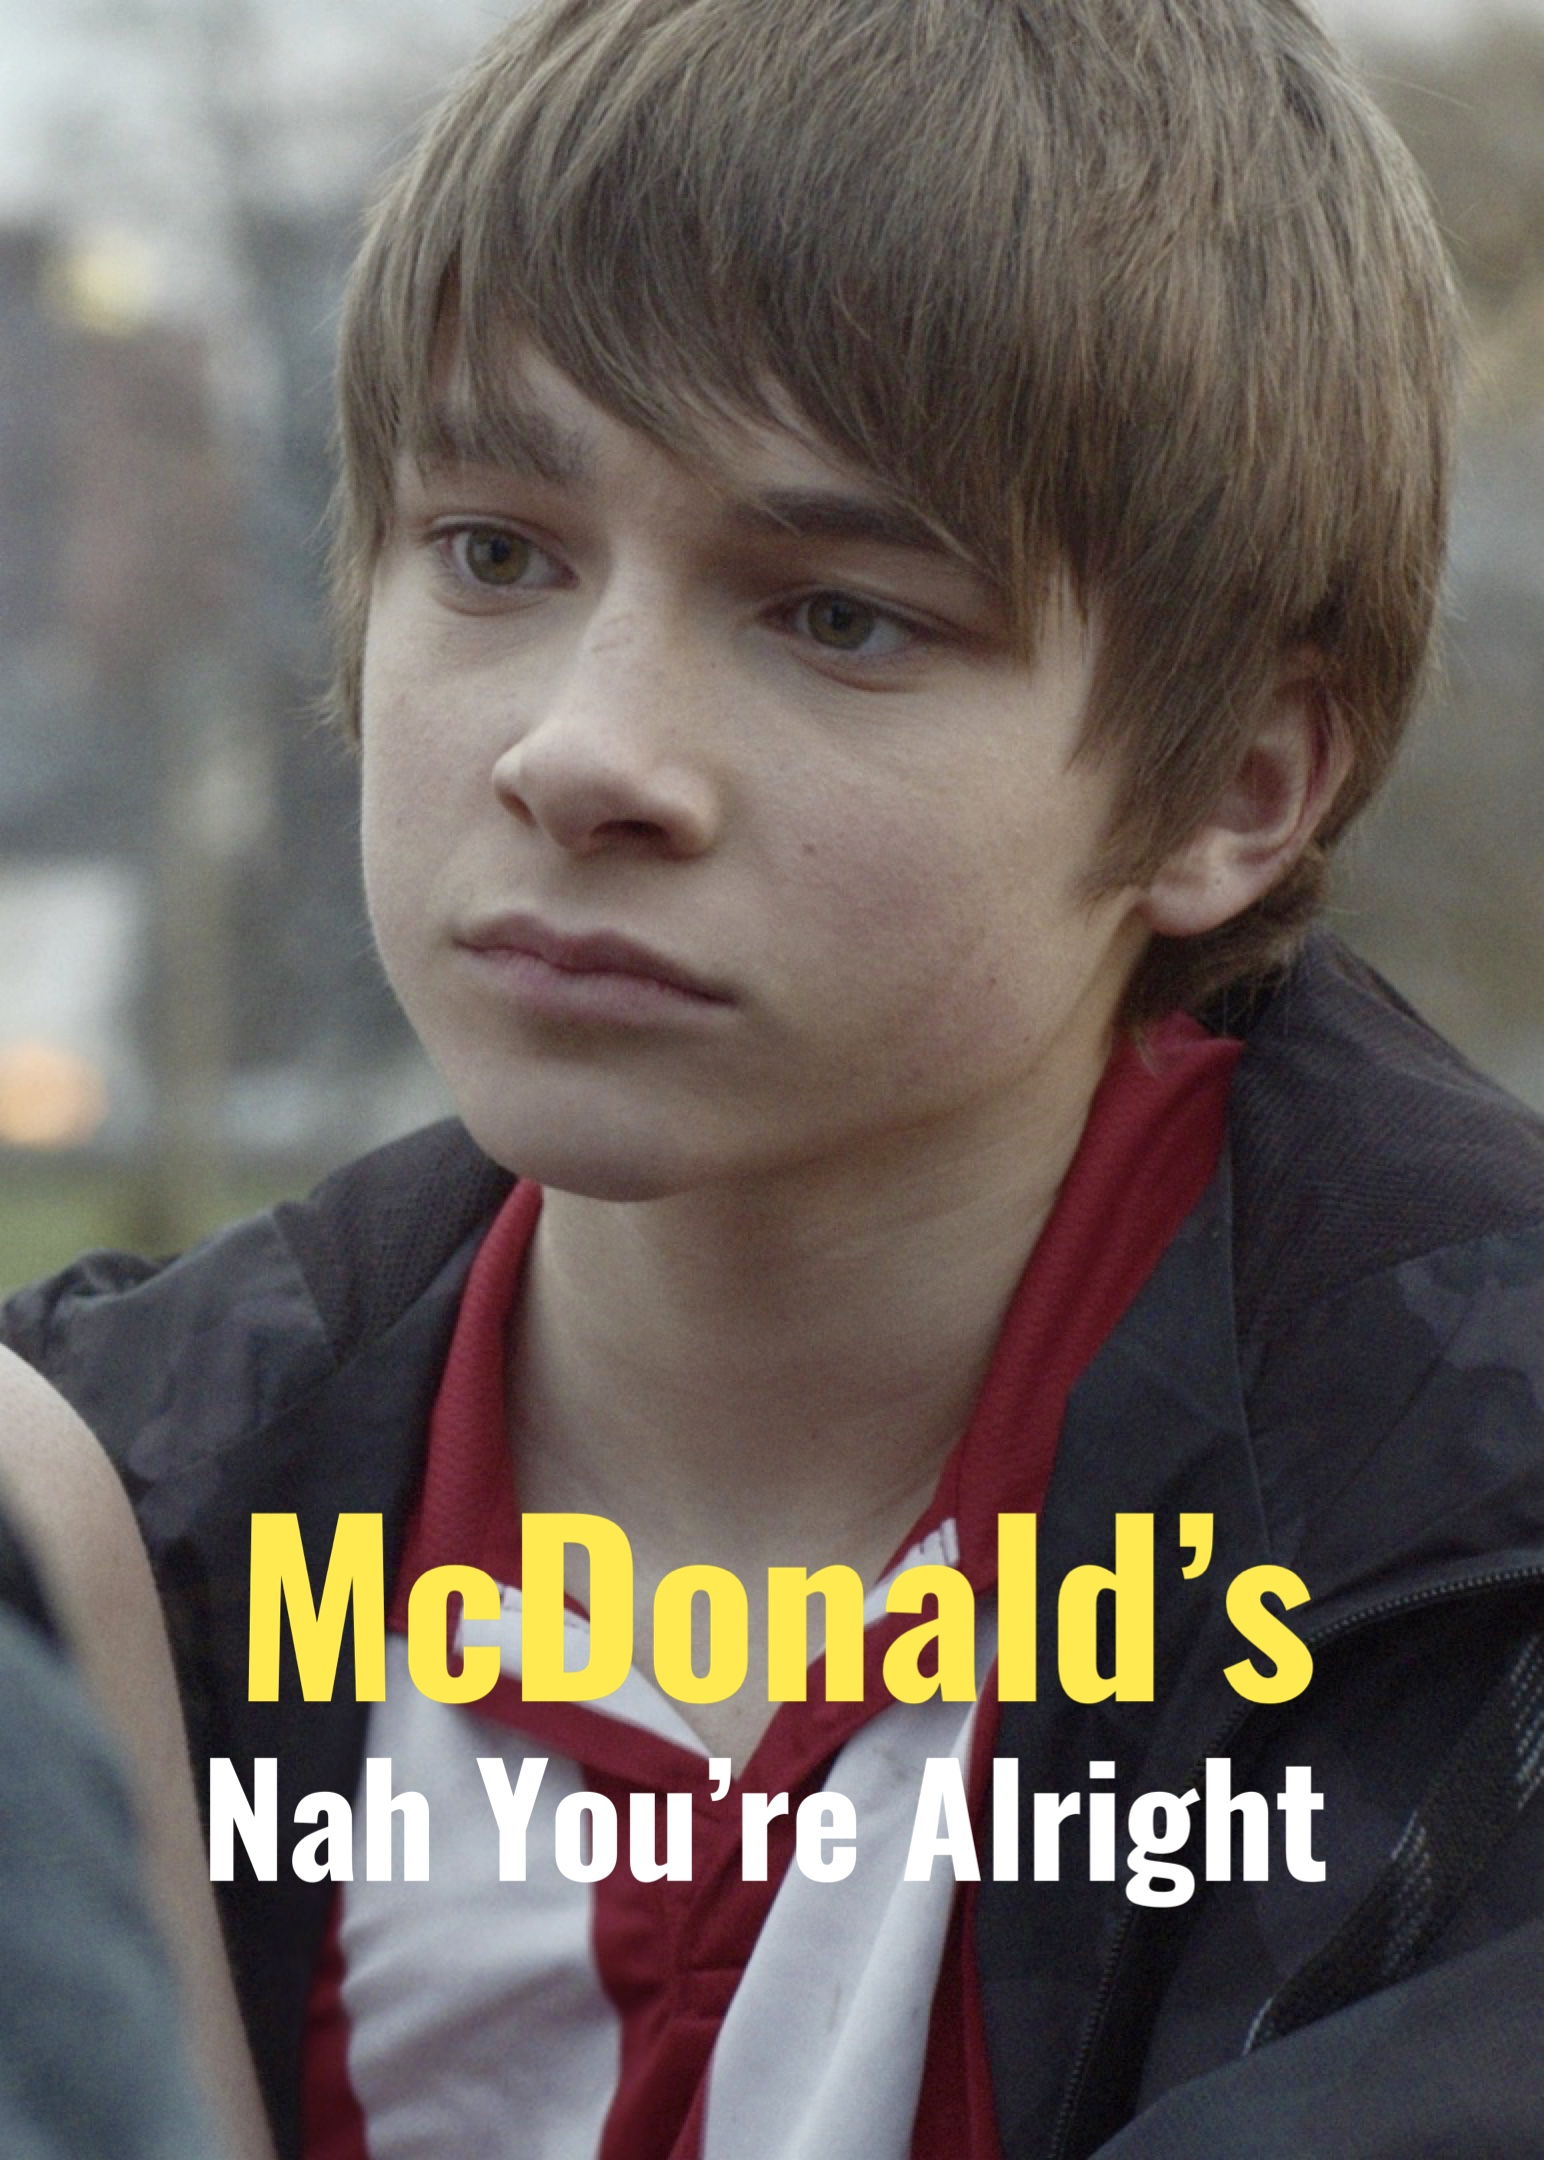 mcdonals in der nähe